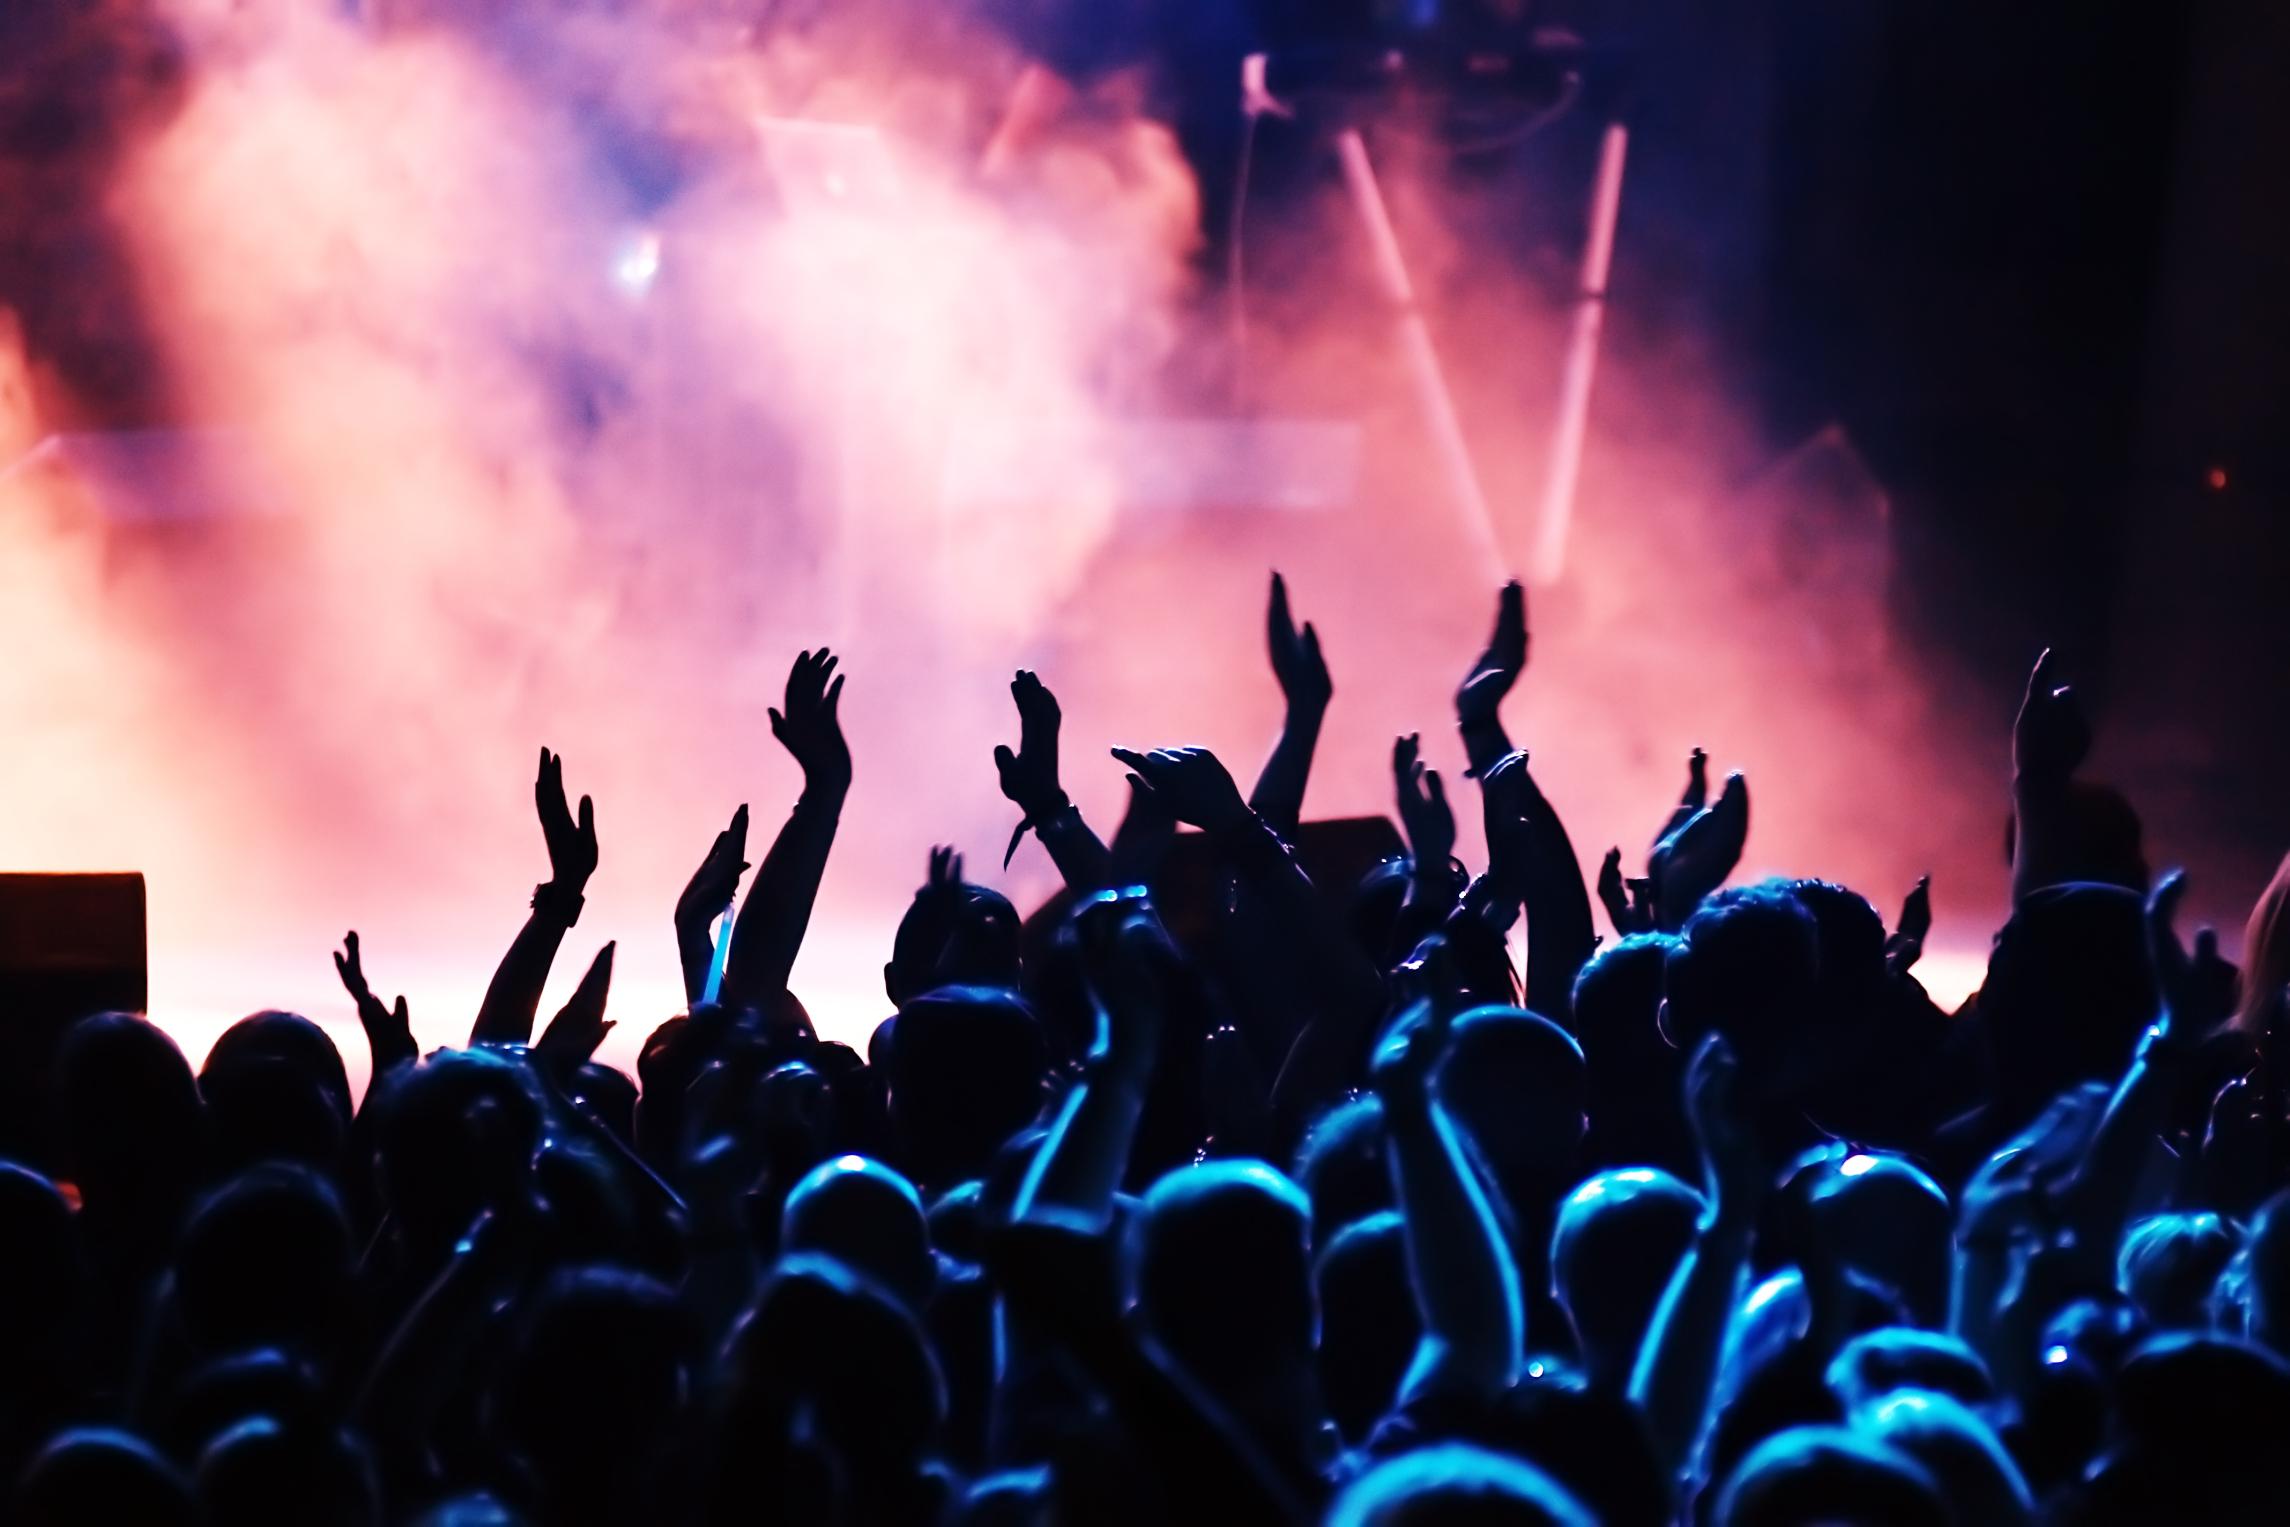 635943566212276867210249251 concert crowd - La stagione dei festival